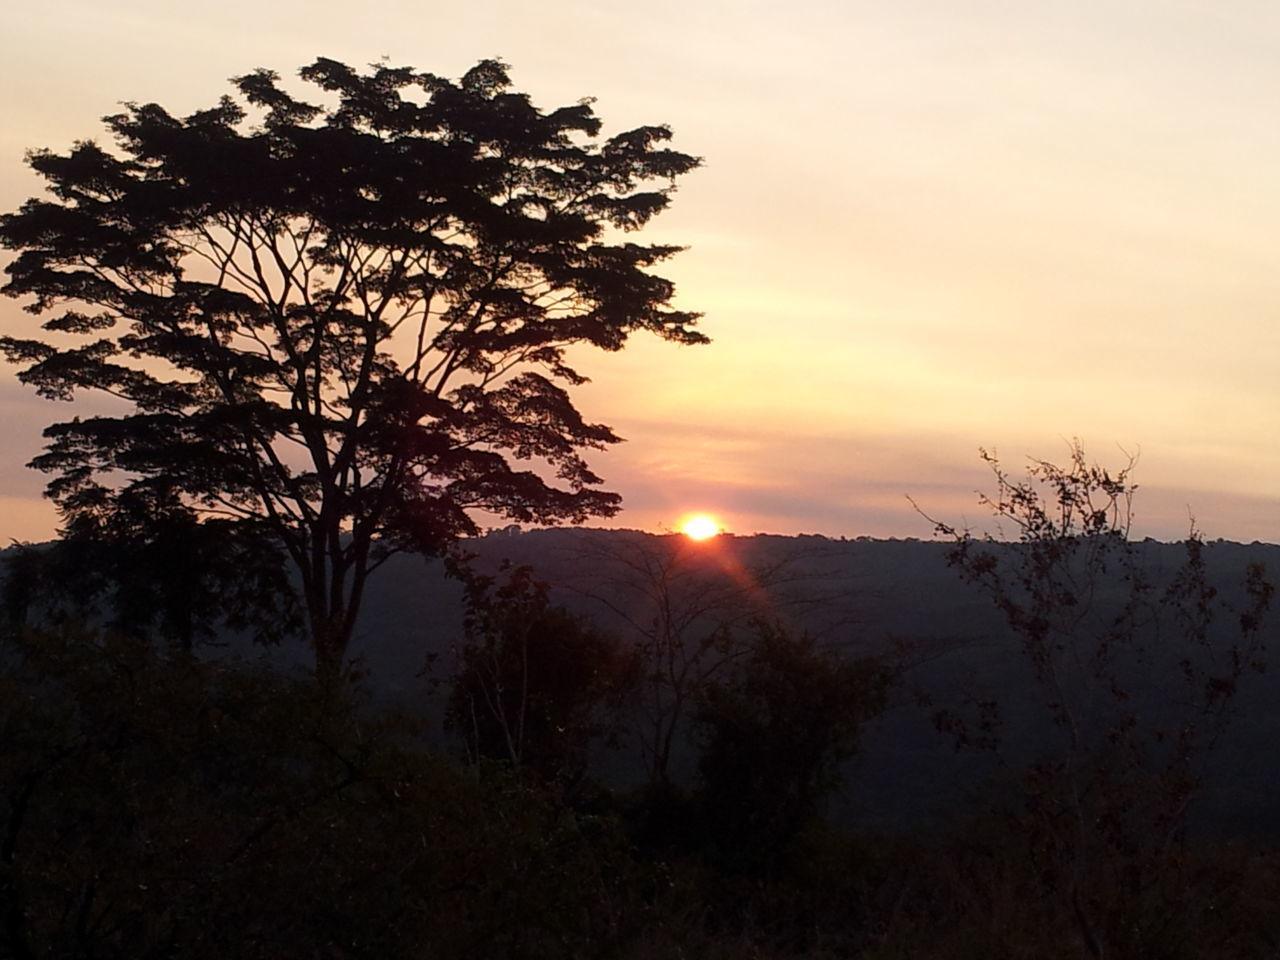 Coucher de soleil a Mounana ville de la province du Haut (Gabon) Romantic Sky